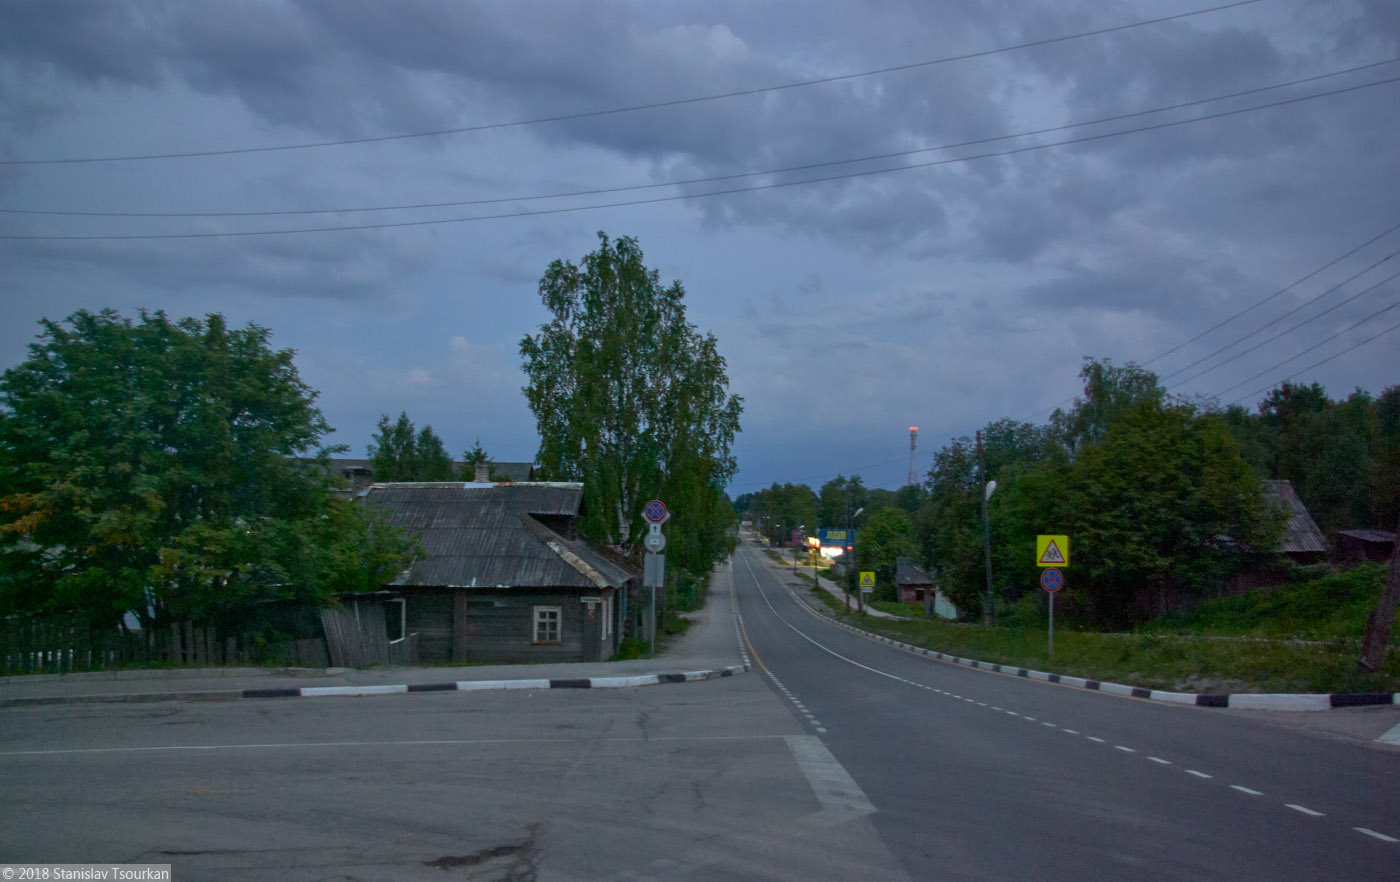 Пудож, Карелия, республика Карелия, Комсомольская улица